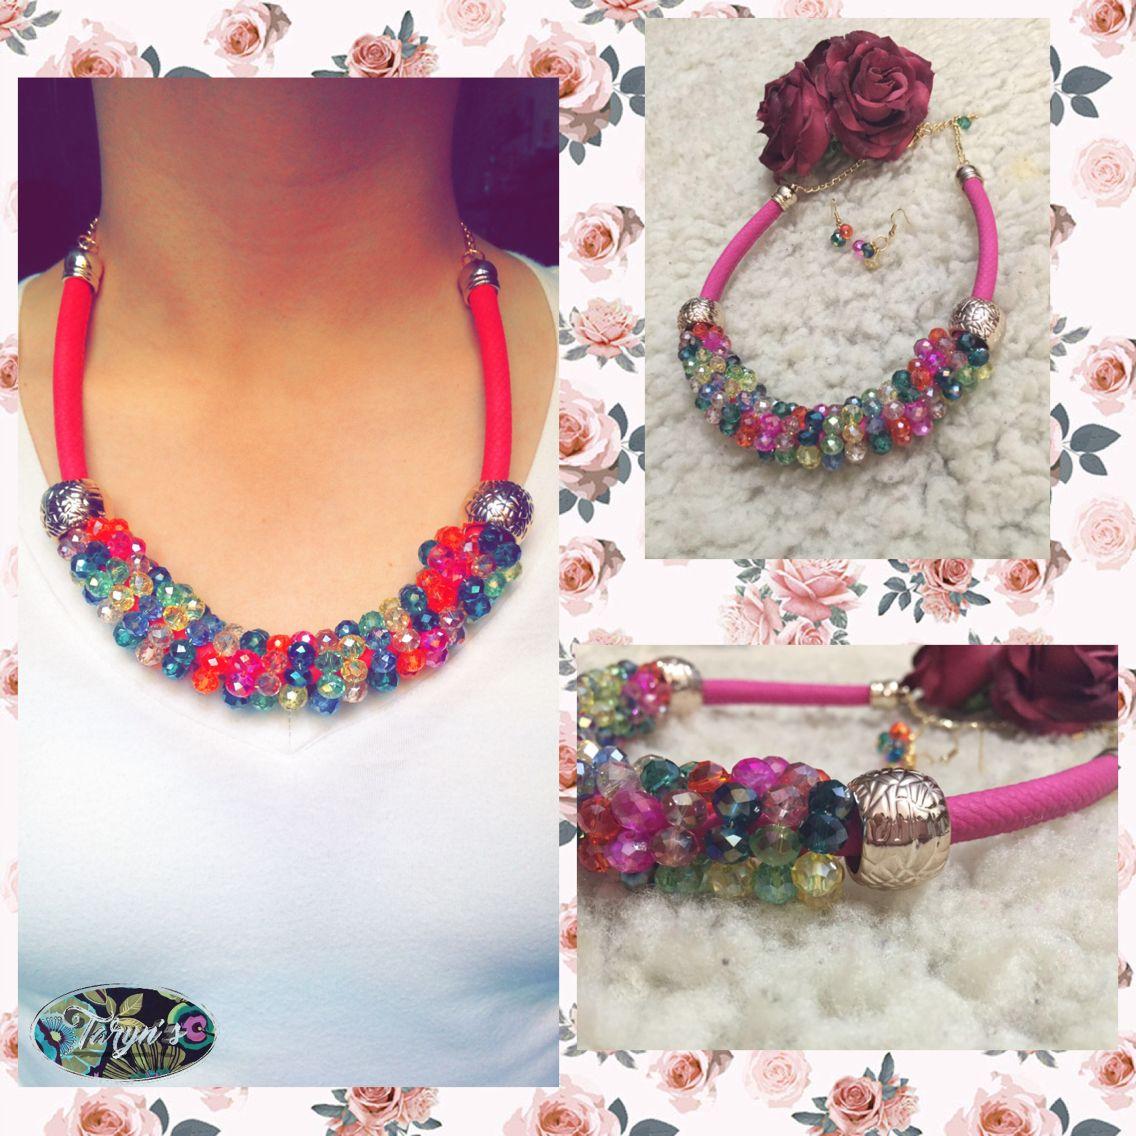 062b36fee445 Vendo collares artesanales  collares  accesorios  artesanales  gold   necklaces